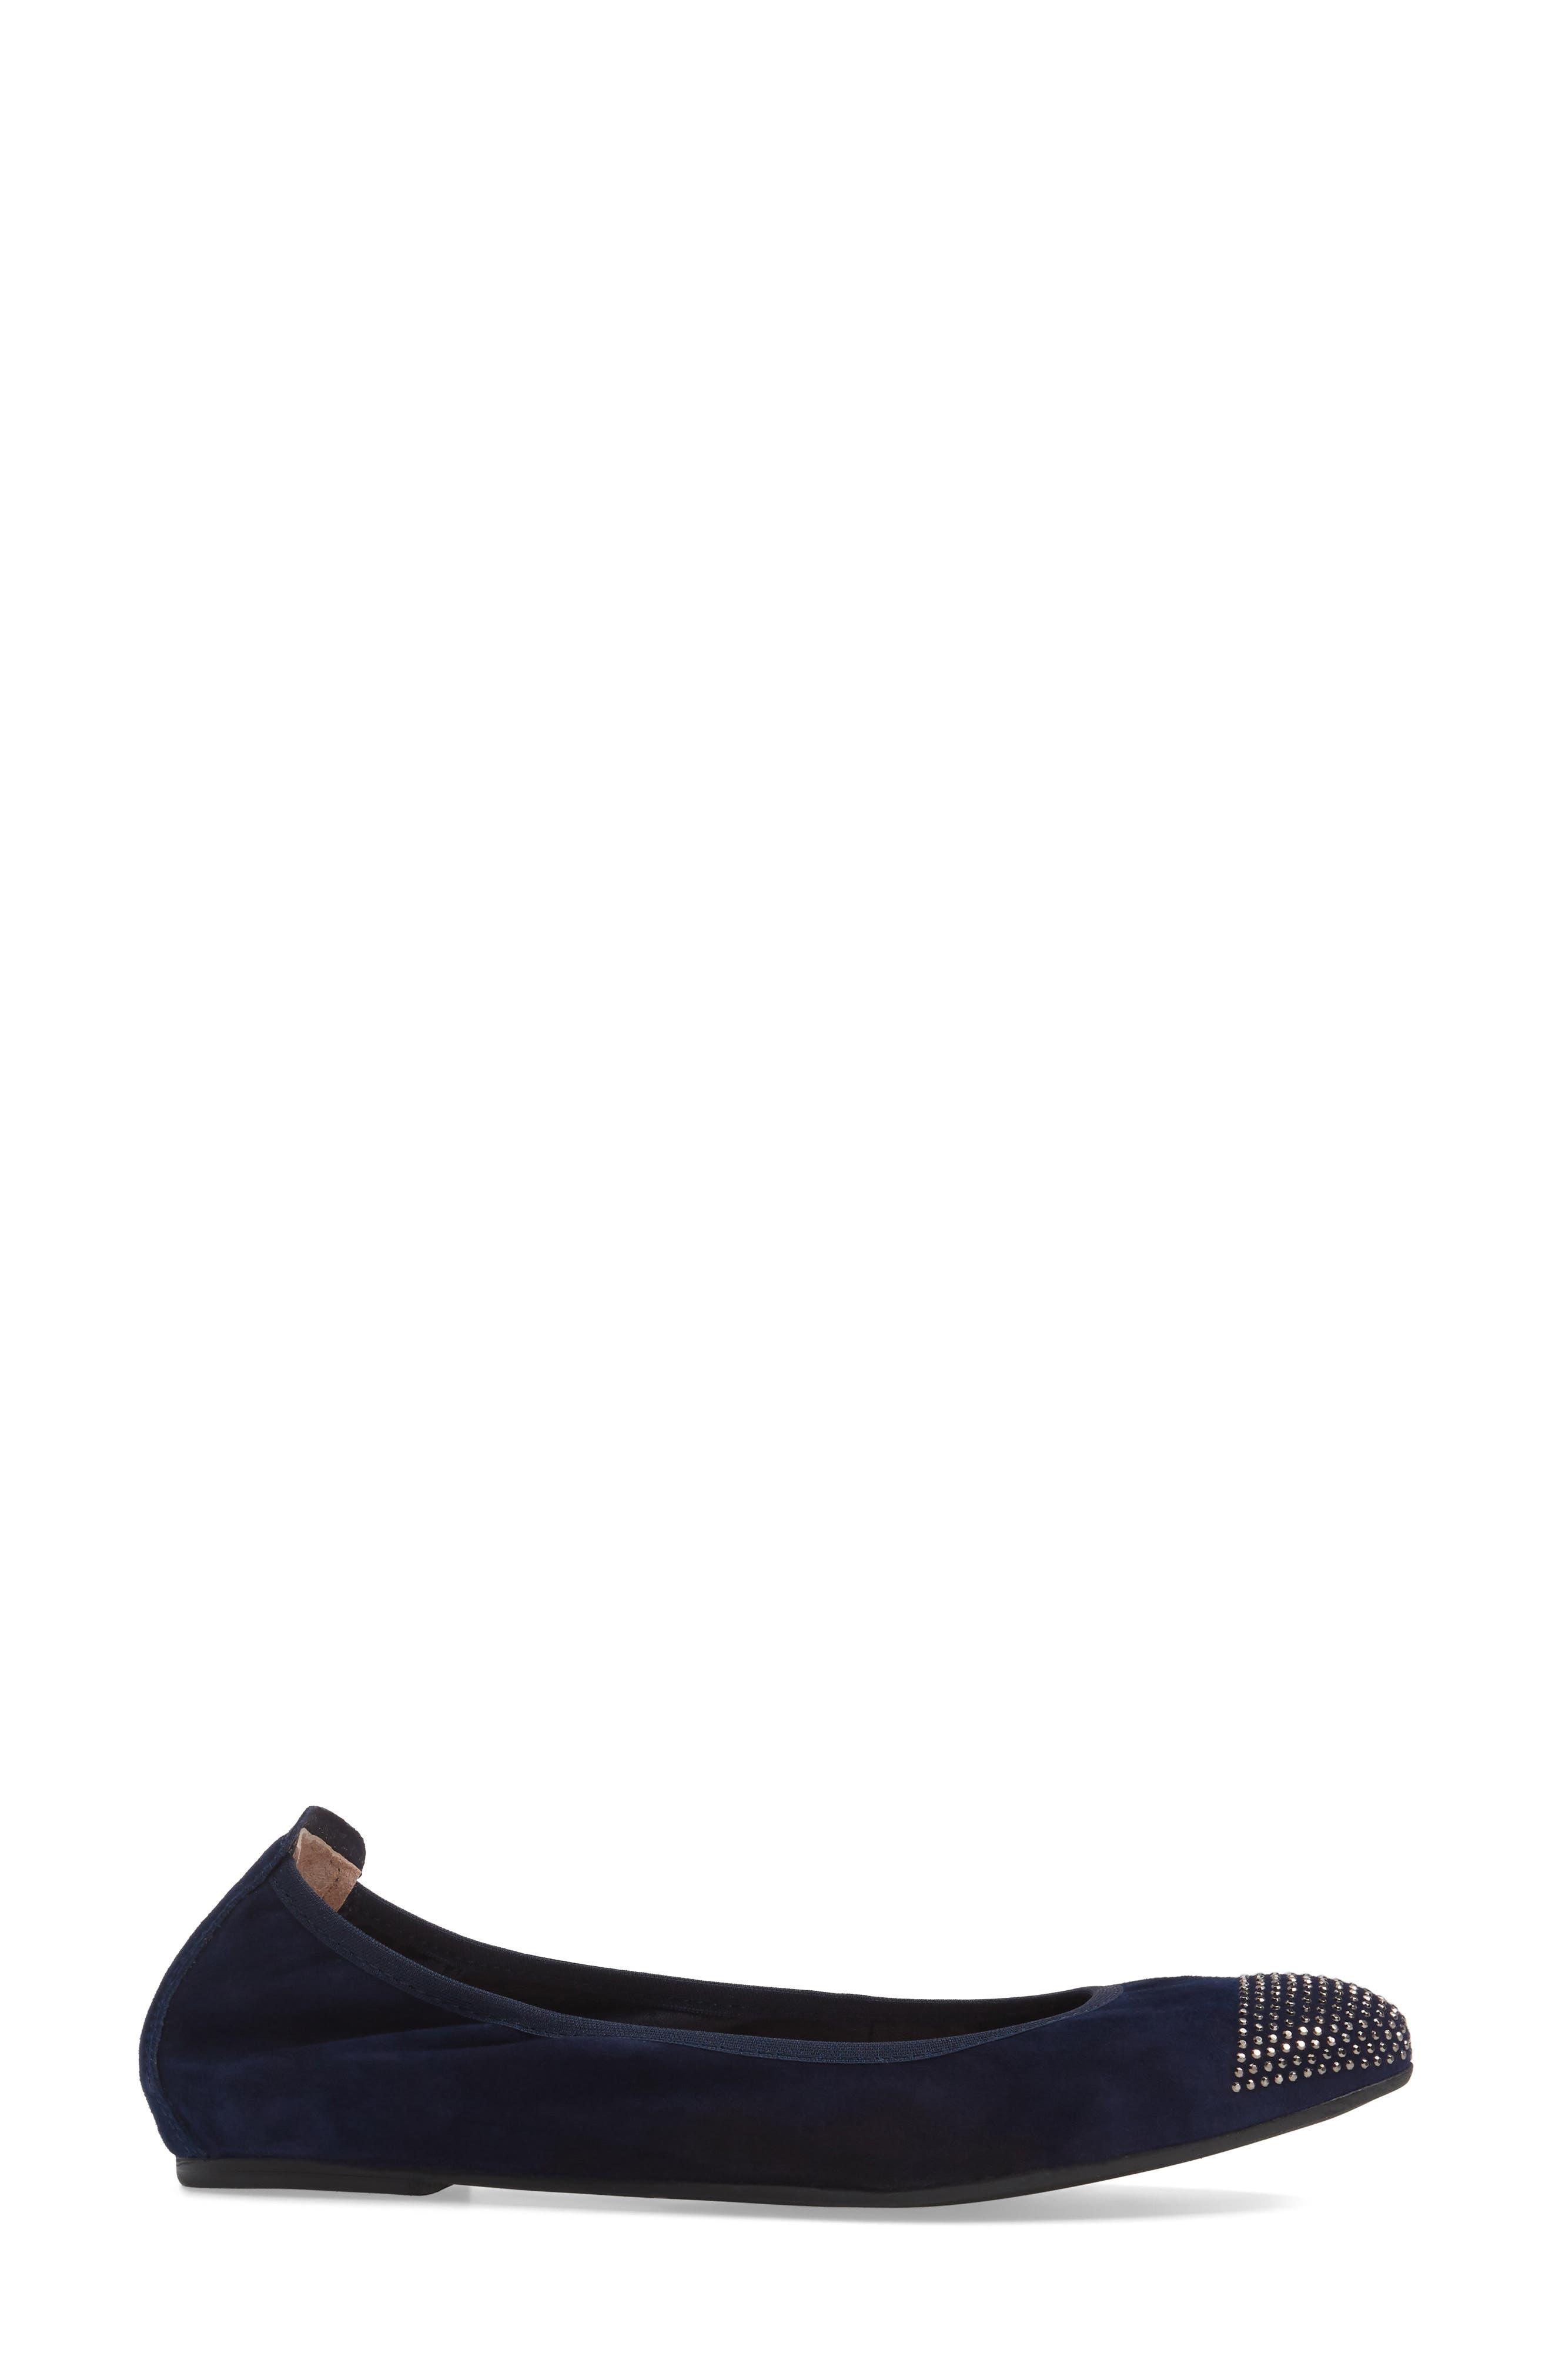 'Starr' Studded Ballet Flat,                             Alternate thumbnail 12, color,